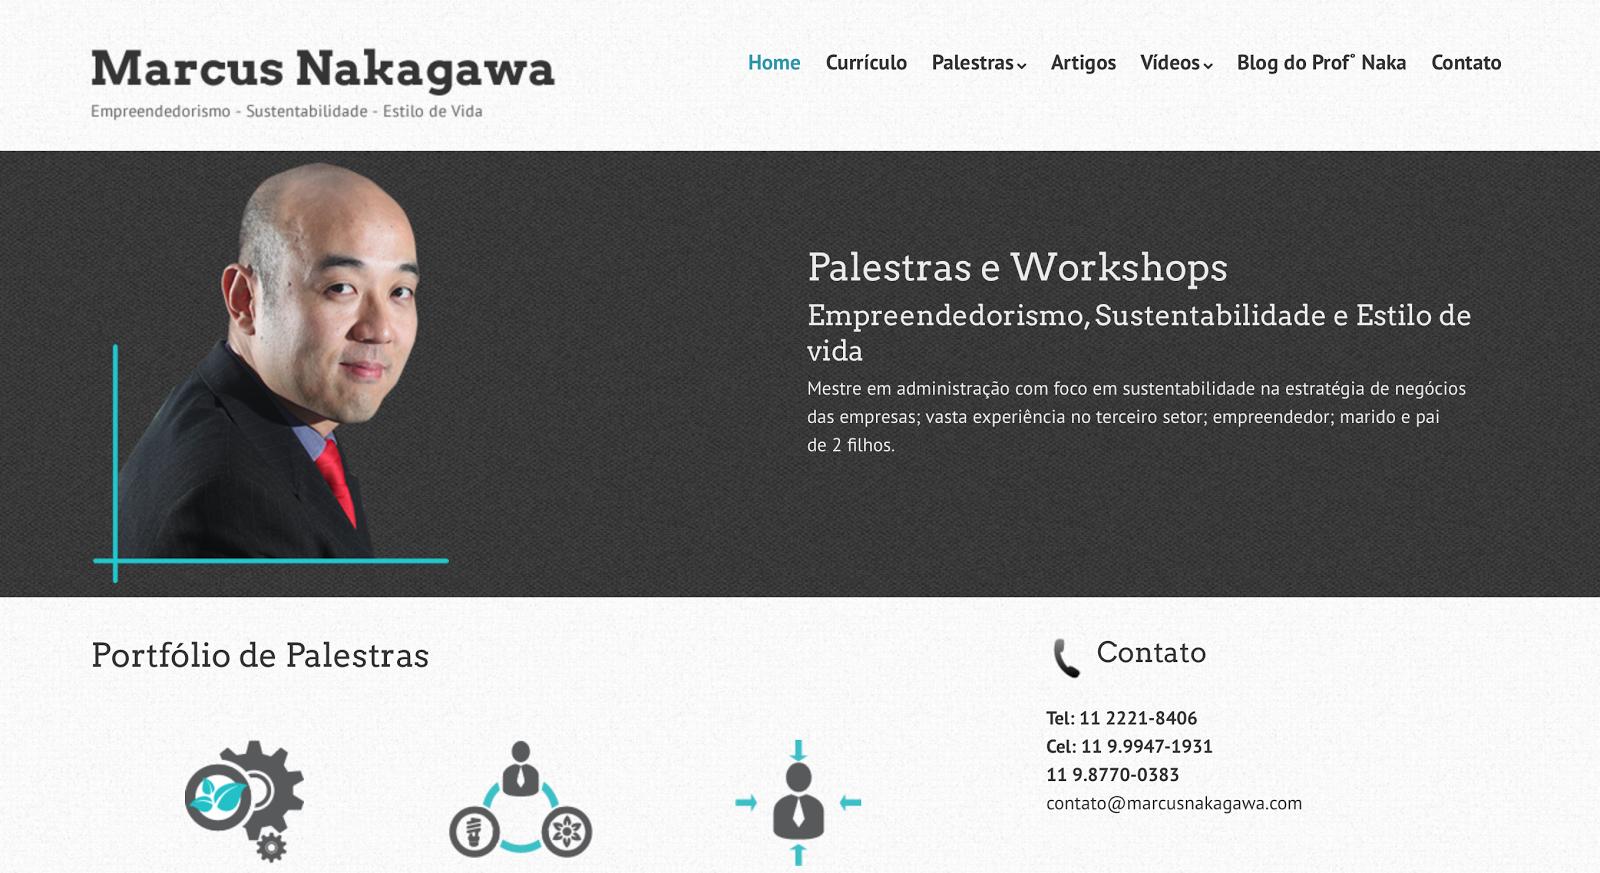 Visite o site oficial